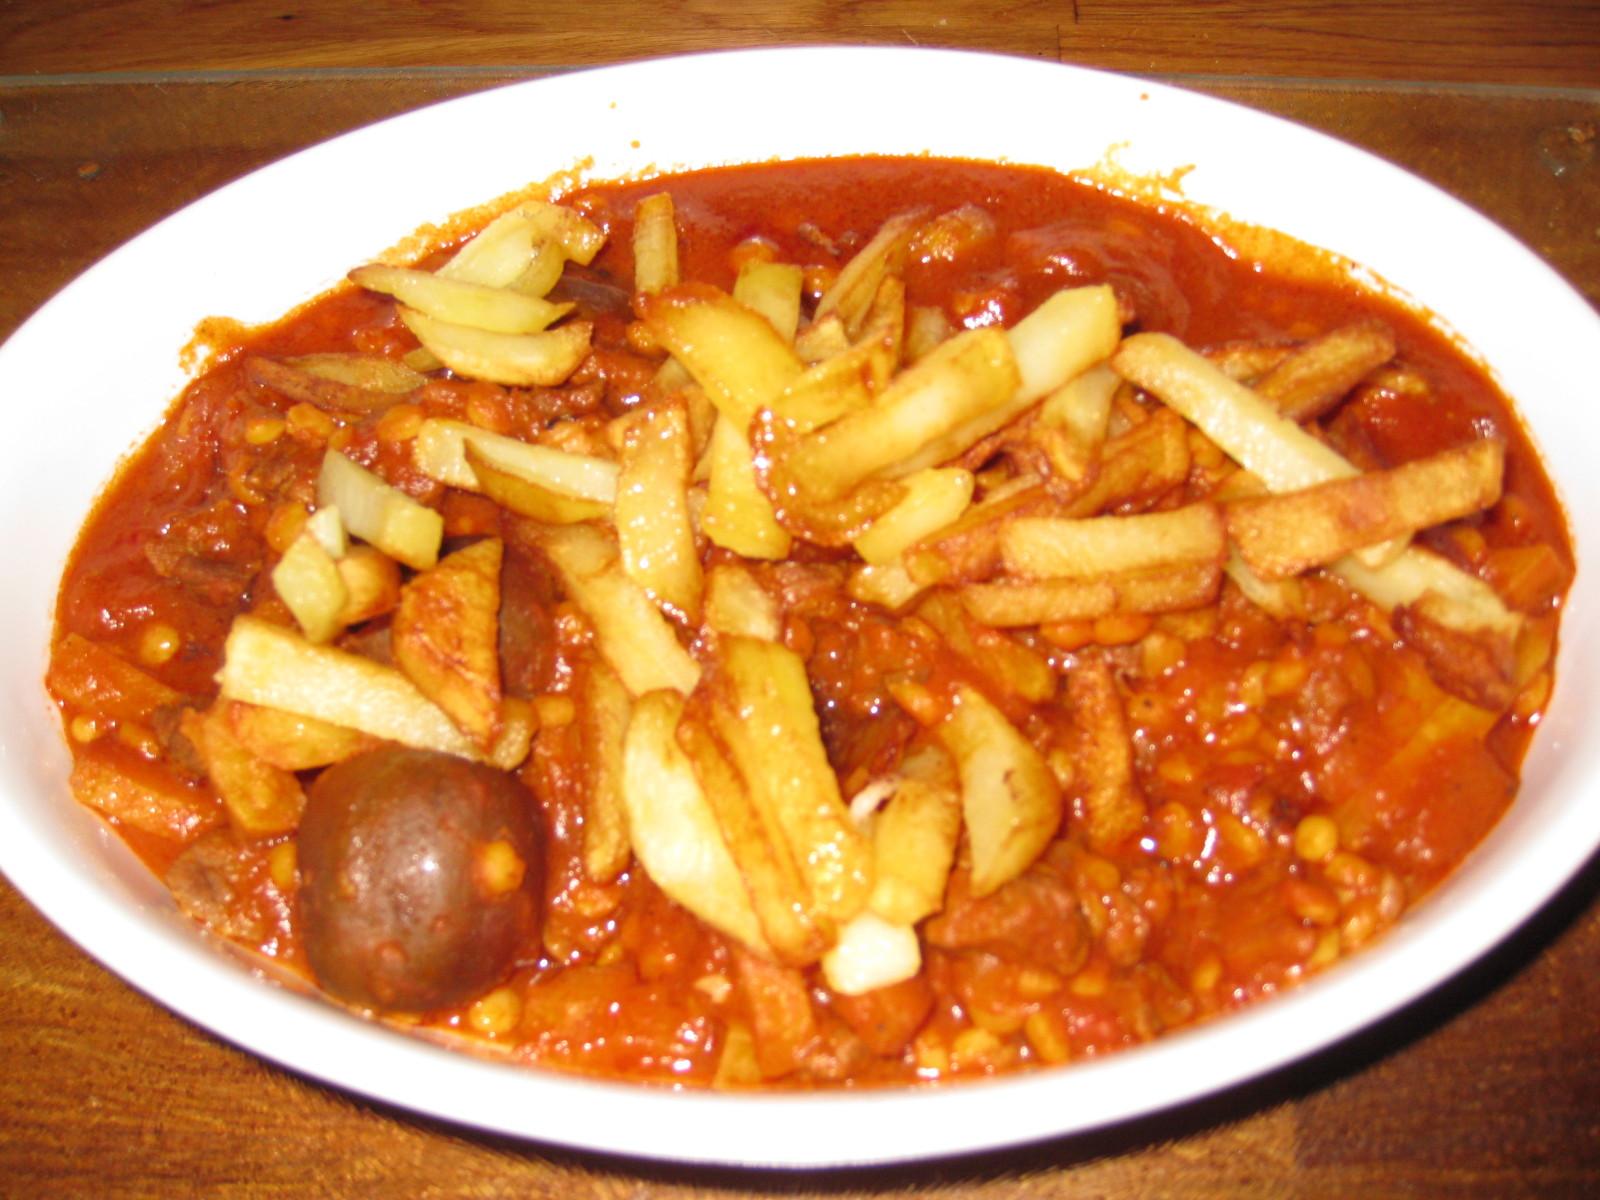 طرز تهیه انواع خوراک و خورش (قسمت 1)